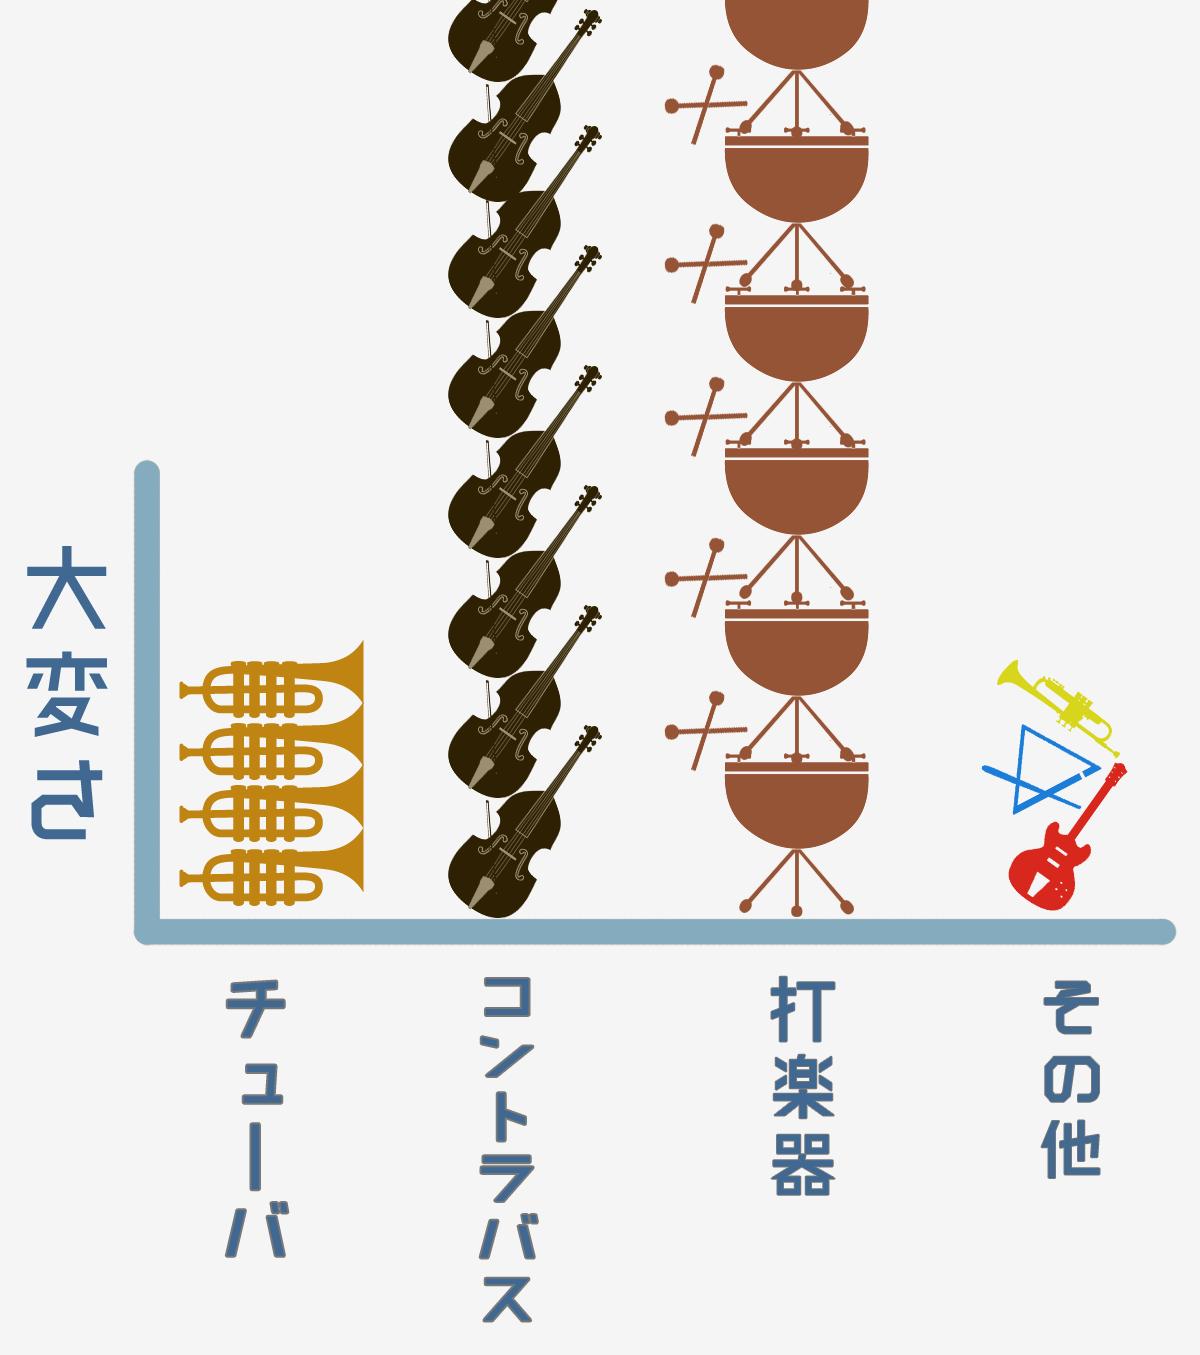 吹奏楽部グラフ3